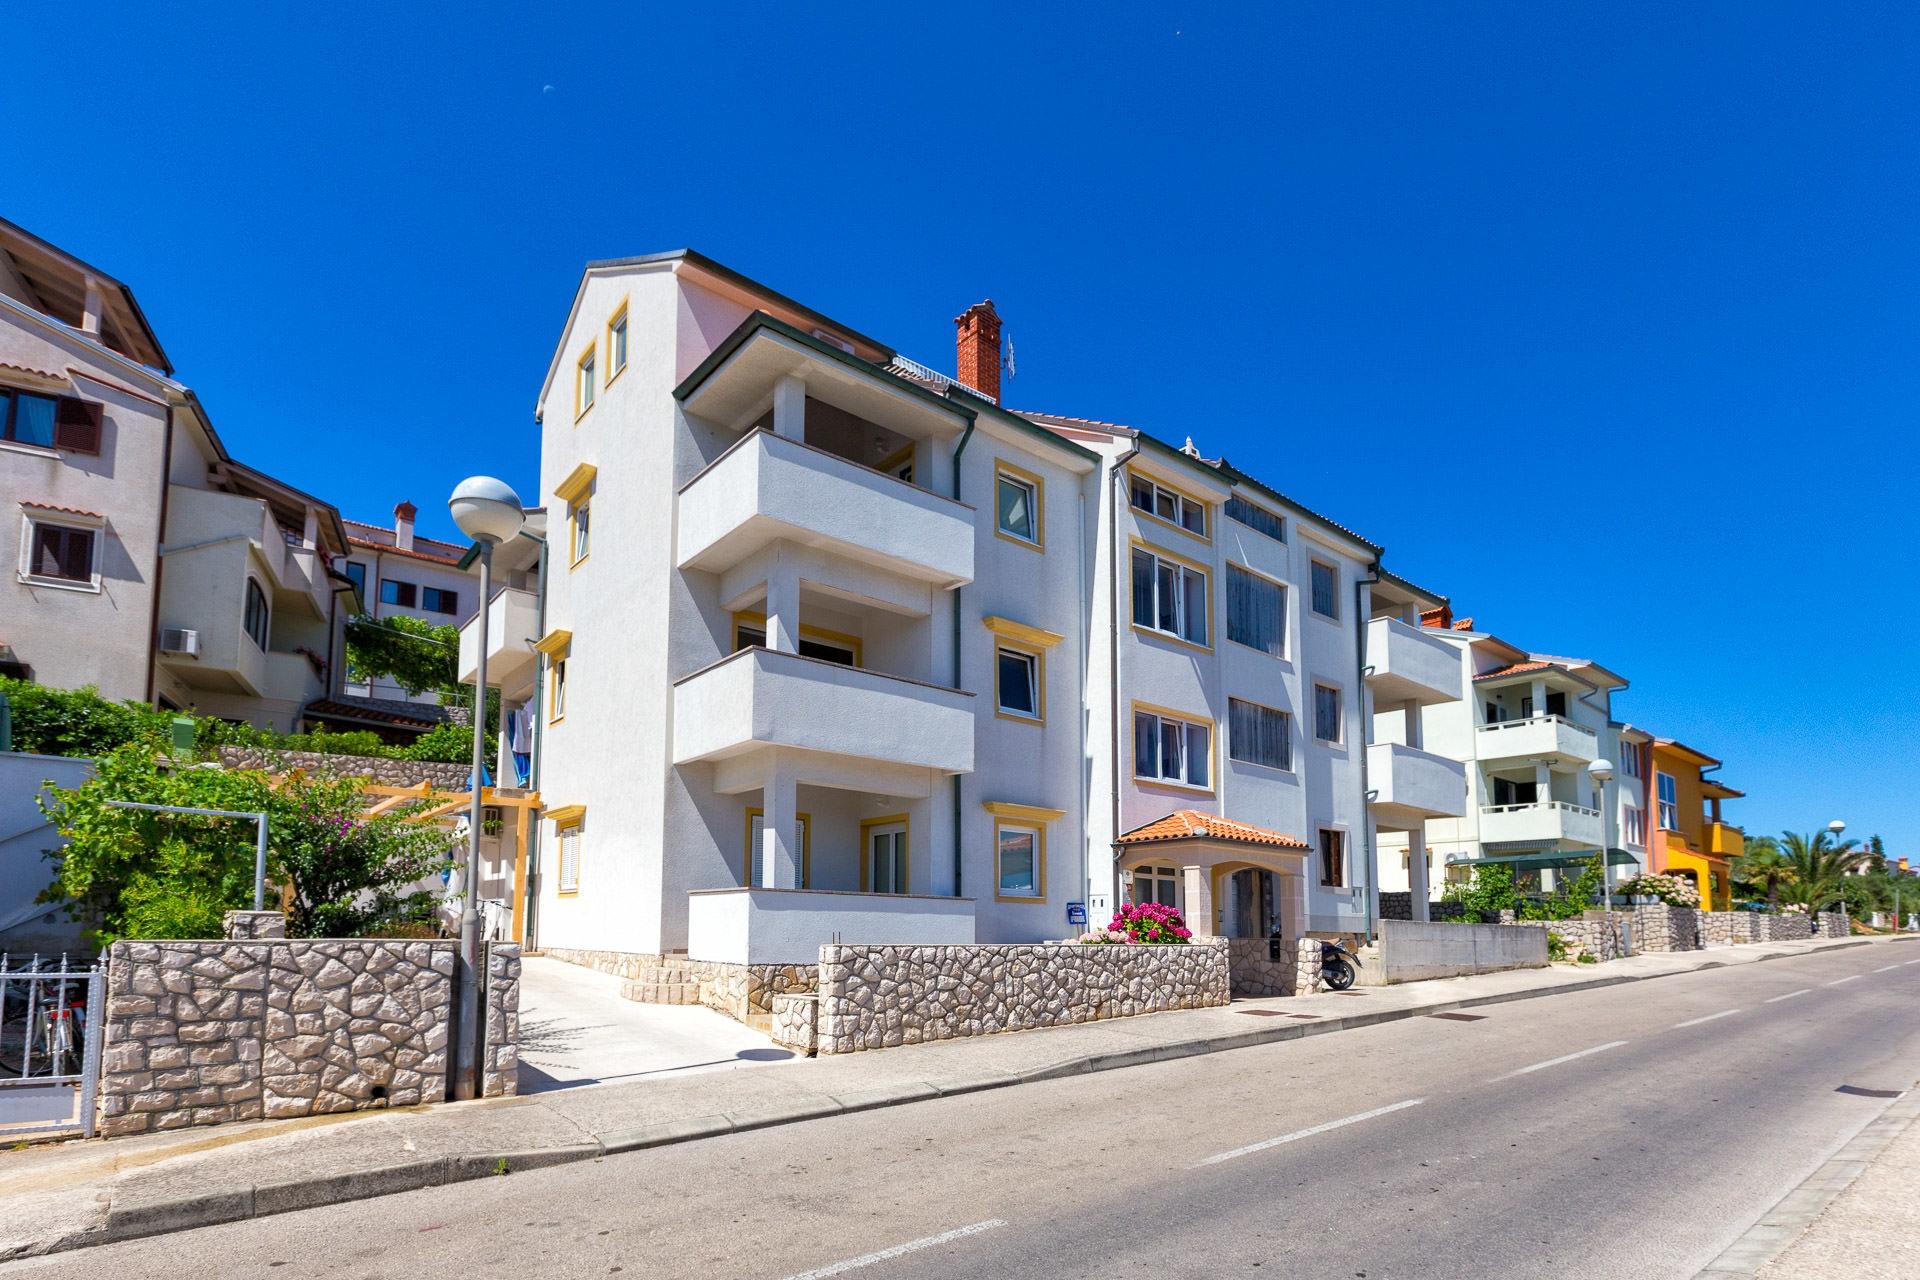 2925 - Mali Losinj - Appartementen Kroatië